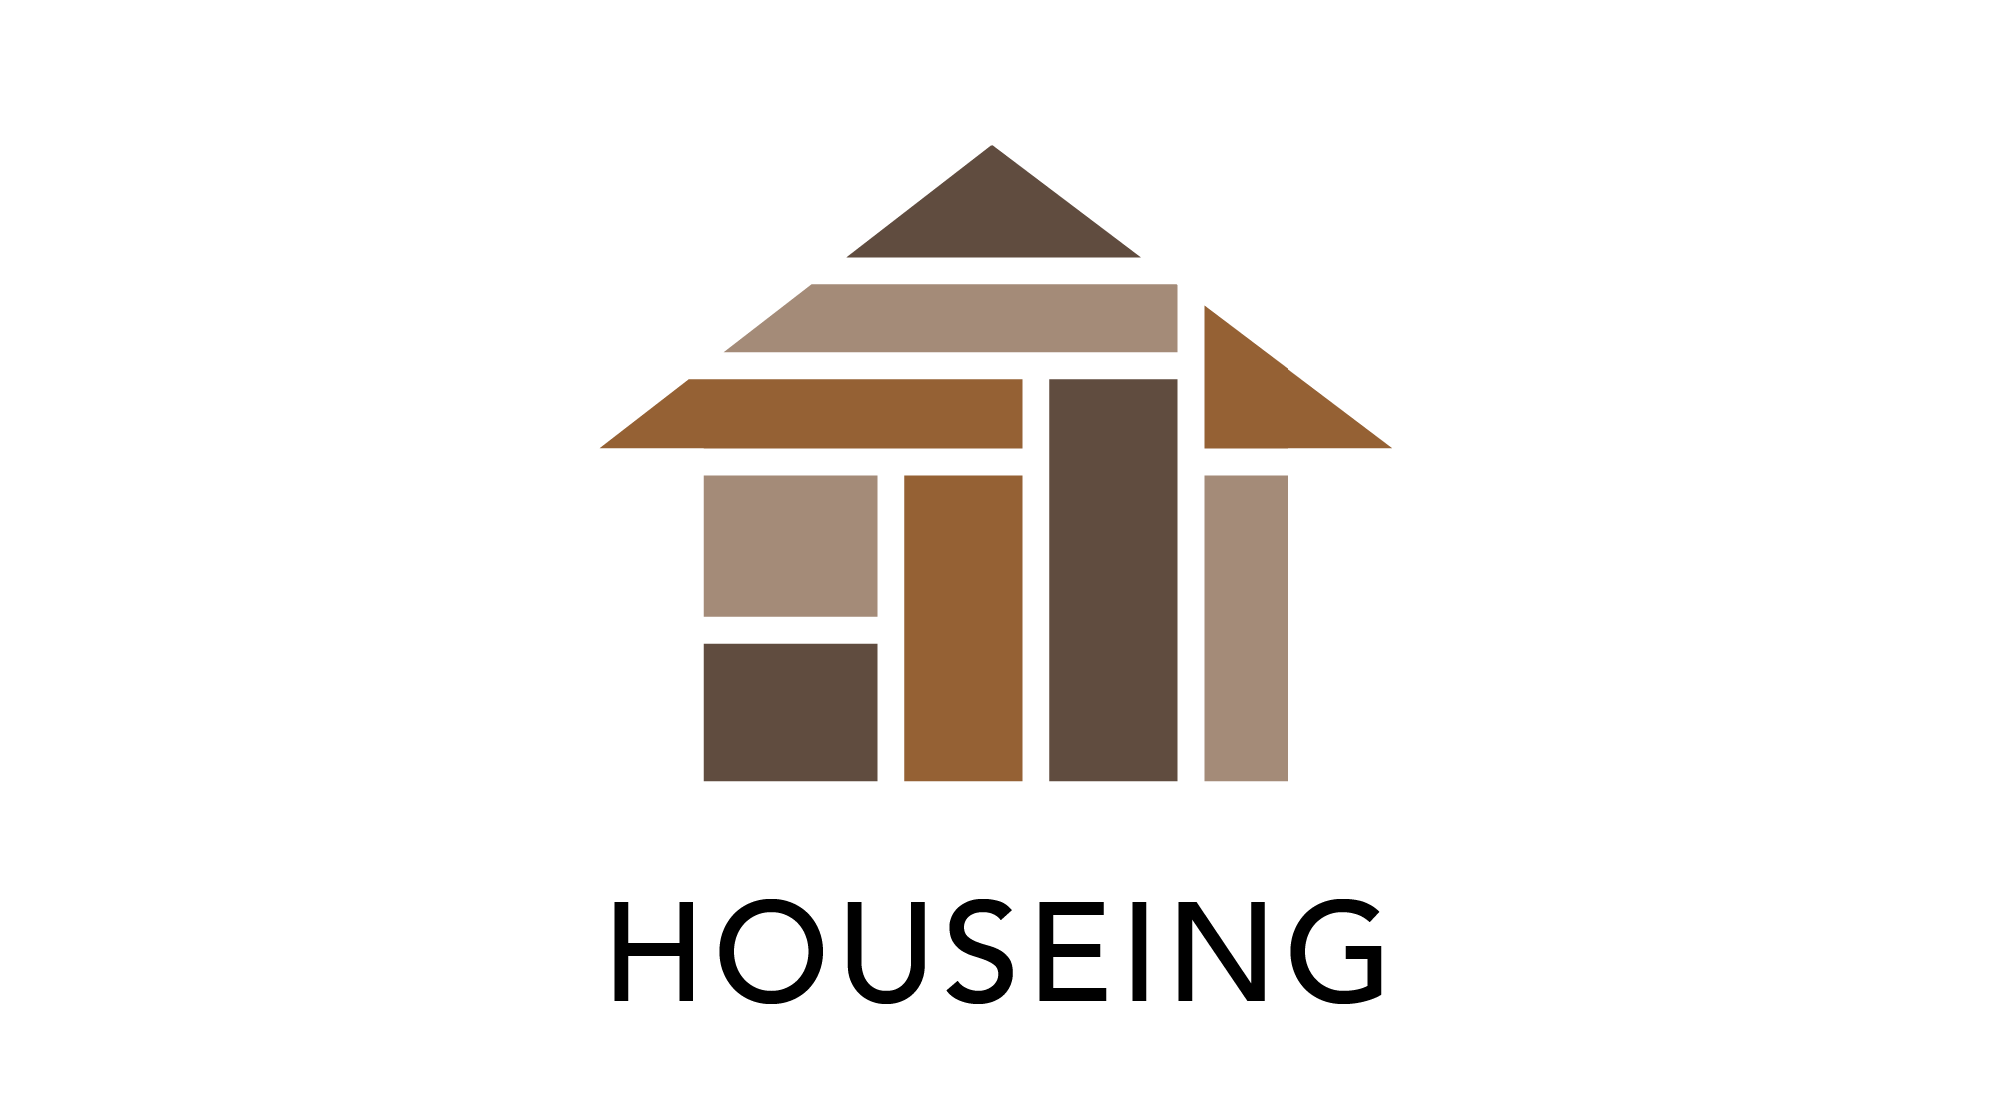 大分県日田市の外壁や屋根塗装・一戸建て住宅の事なら新和リファイン株式会社の住宅事業部